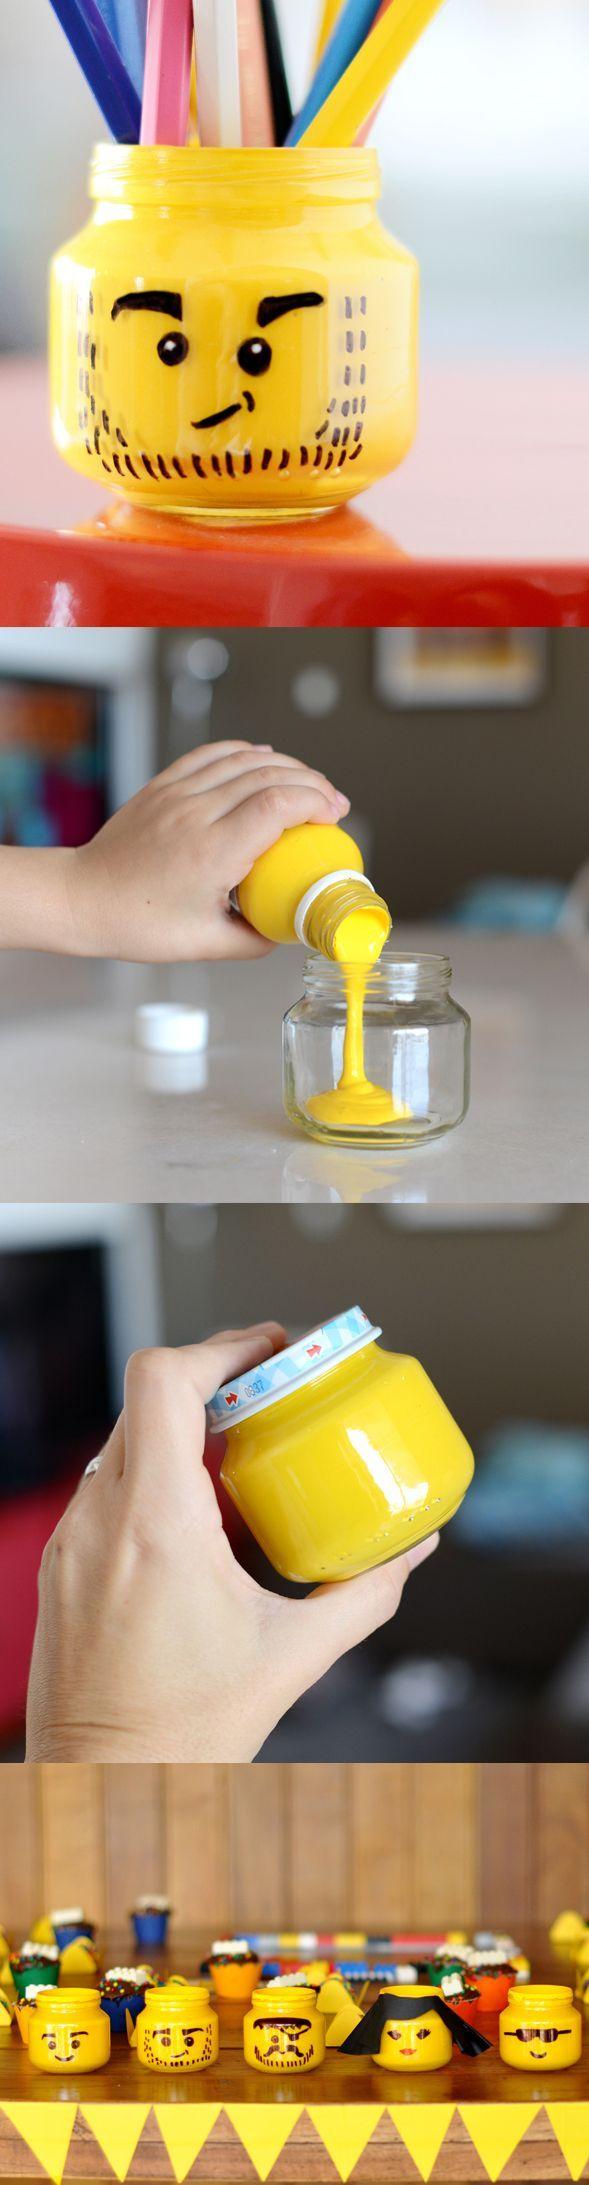 Pennenhouder voor kinderen super makkelijk, hoop ik!